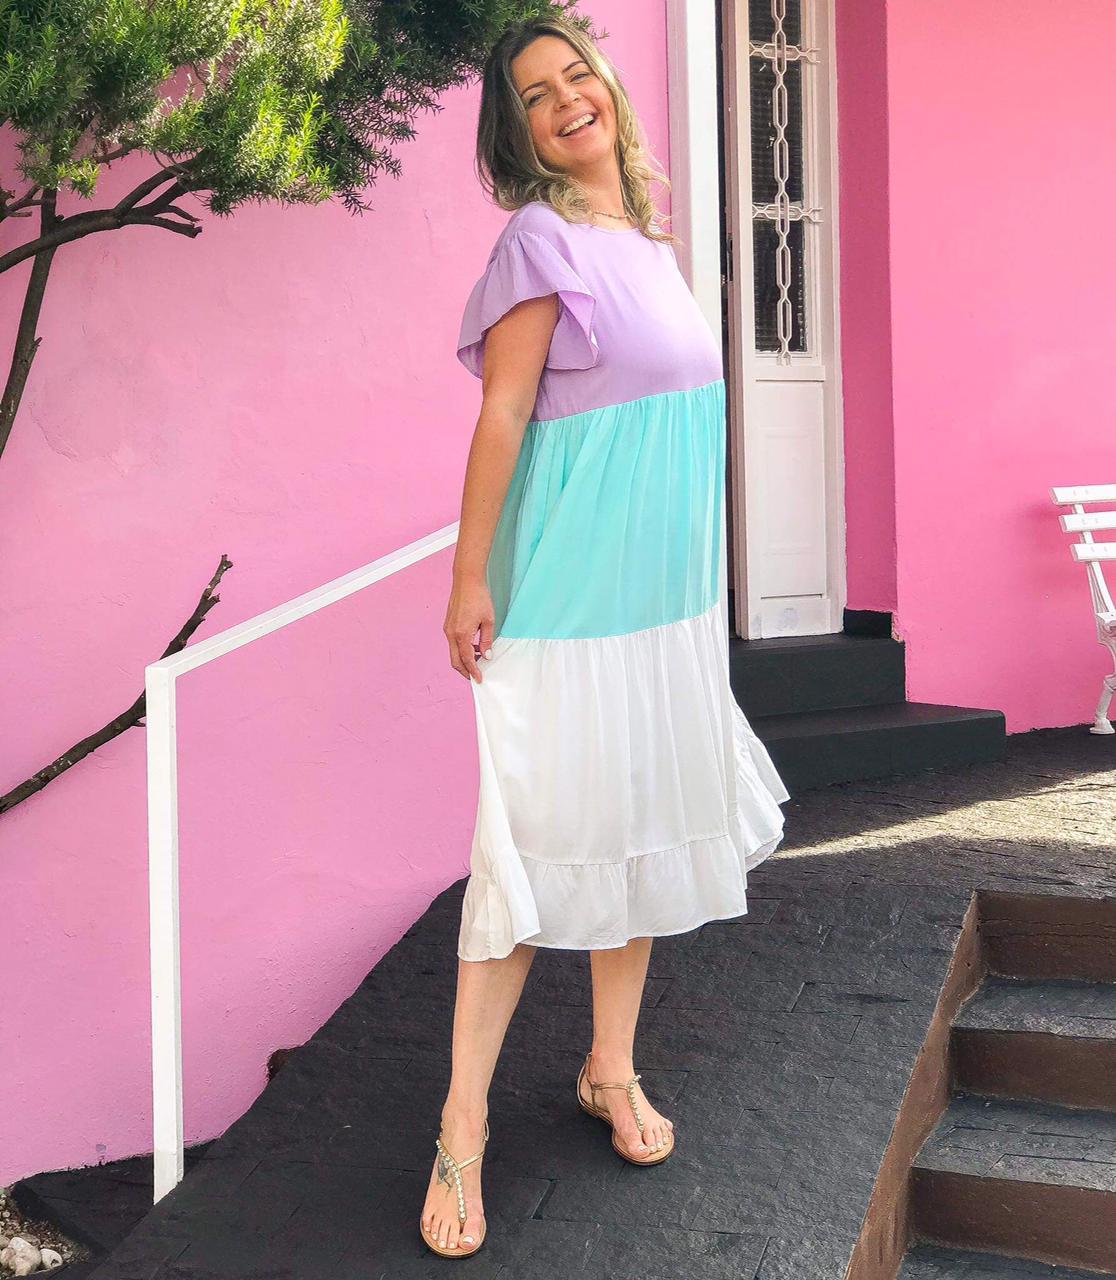 Vestido Midi Libélula Lilás/Turquesa/Branco